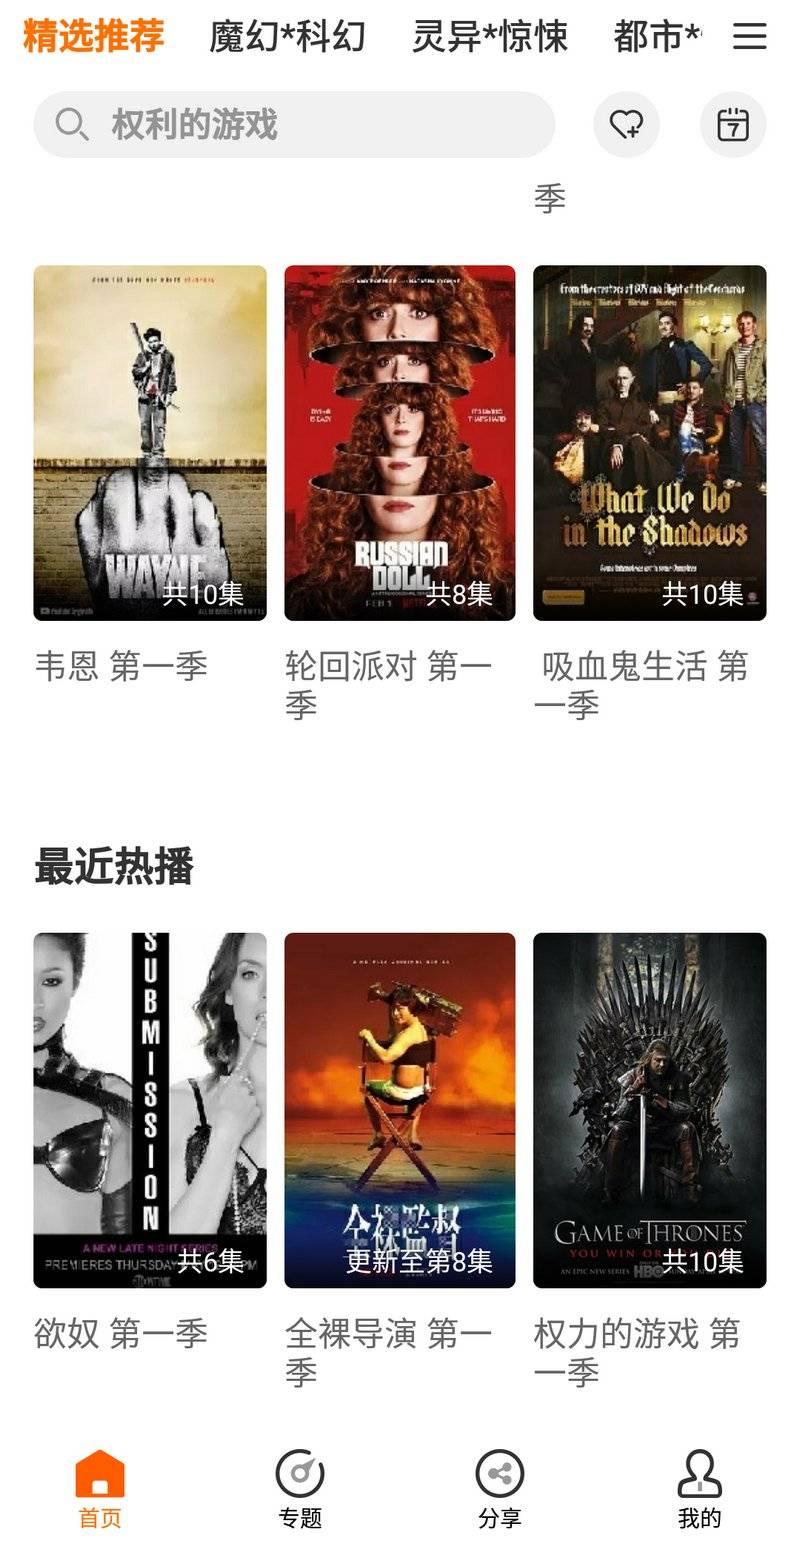 无版权APK/IOS电影软件:阿哥美剧